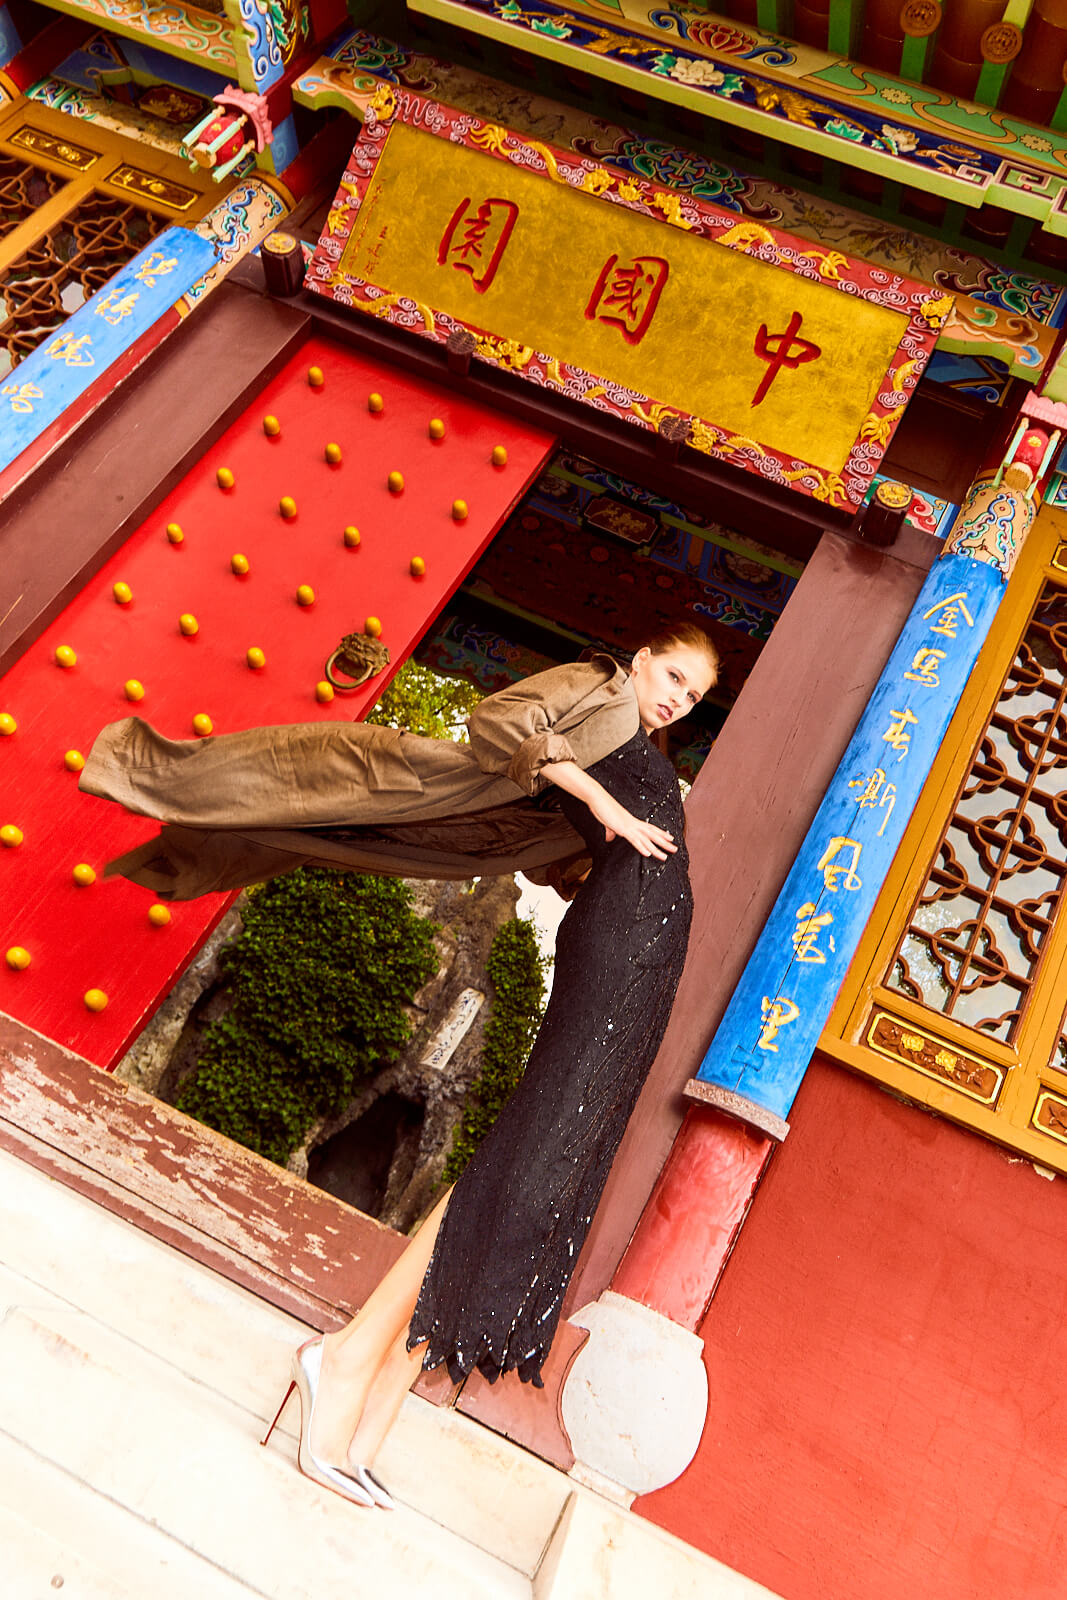 vanidad-magazine-chinese-garden-schweiz